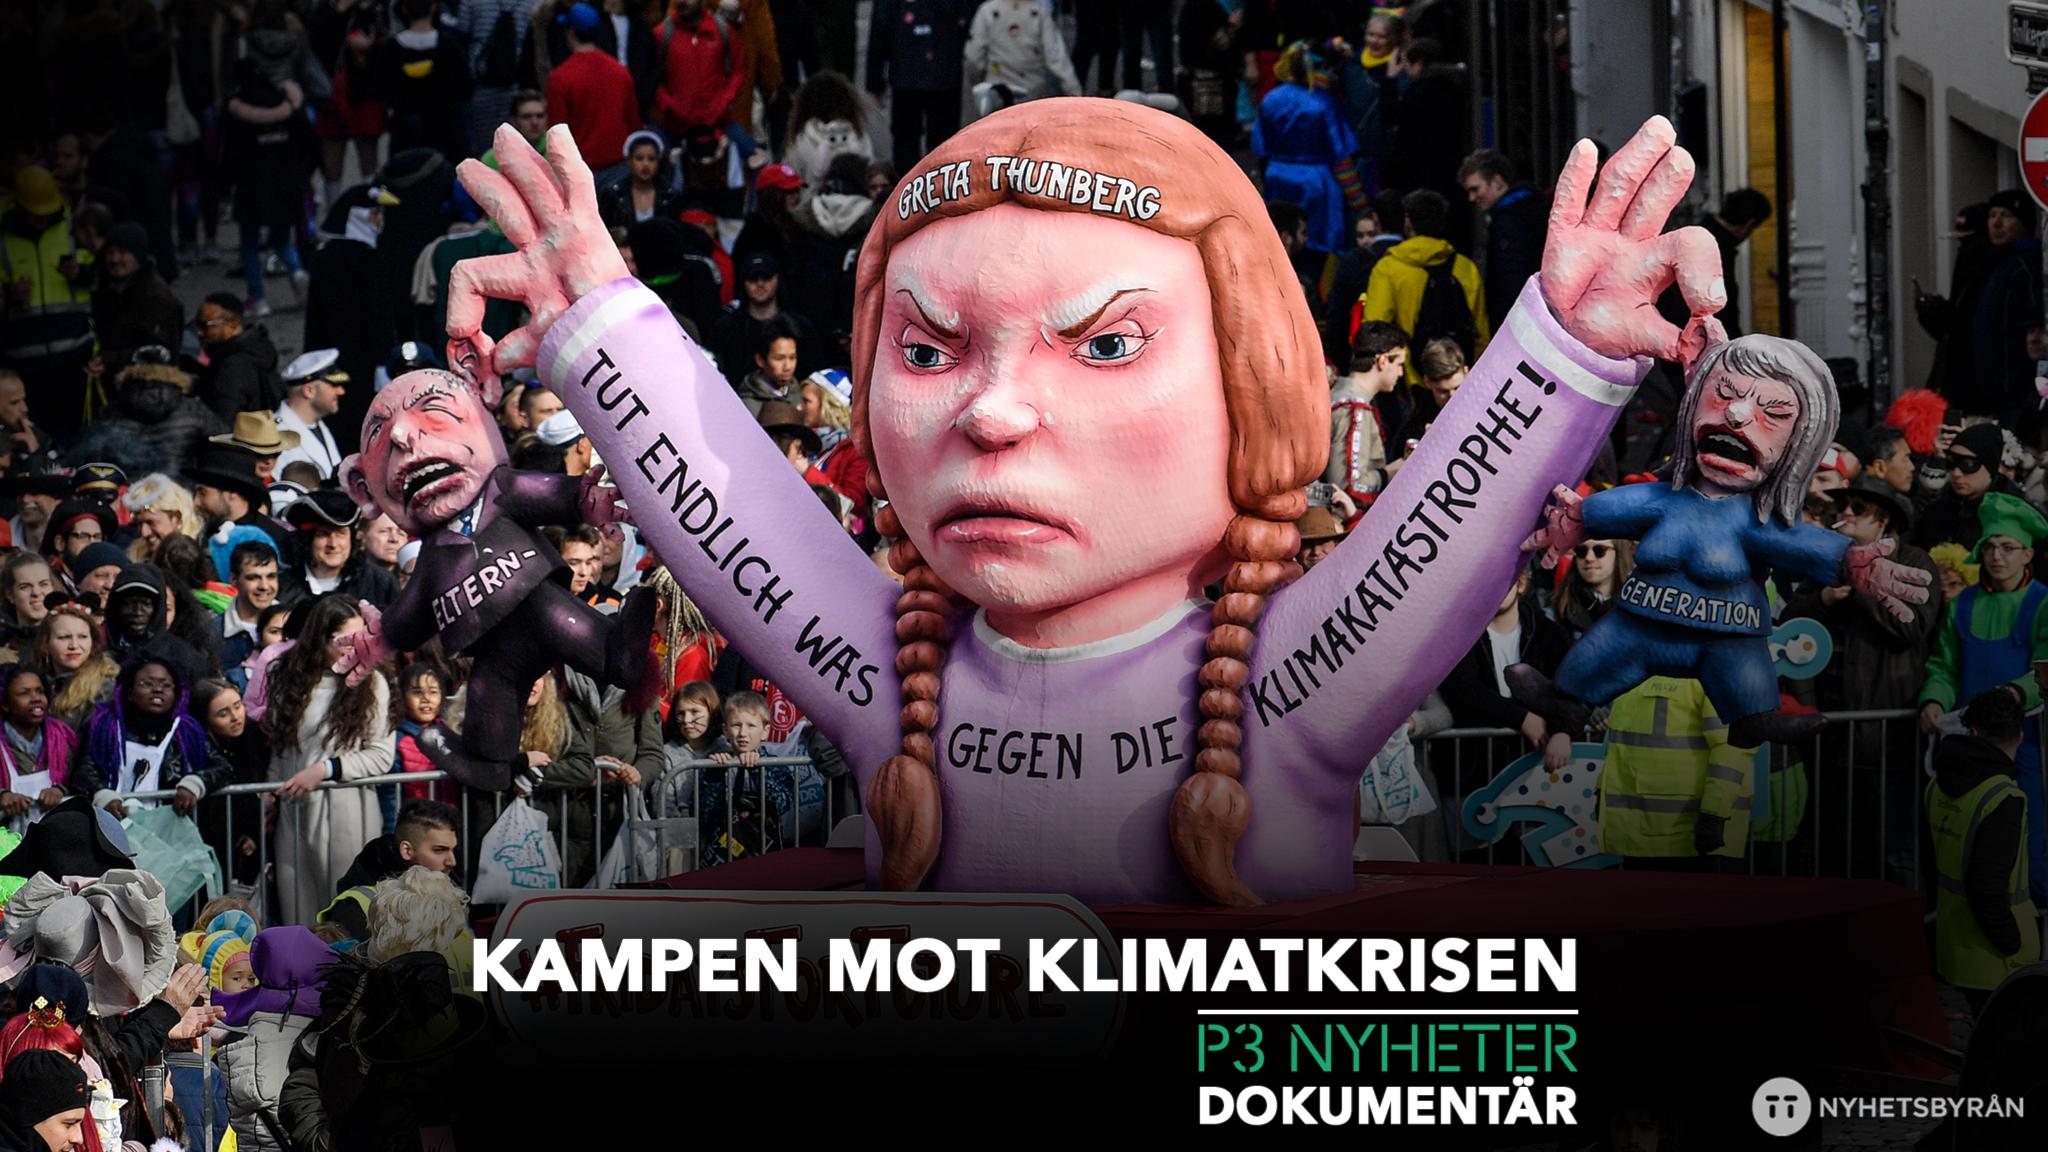 Kampen mot klimatkrisen - P3 Nyheter Dokumentär